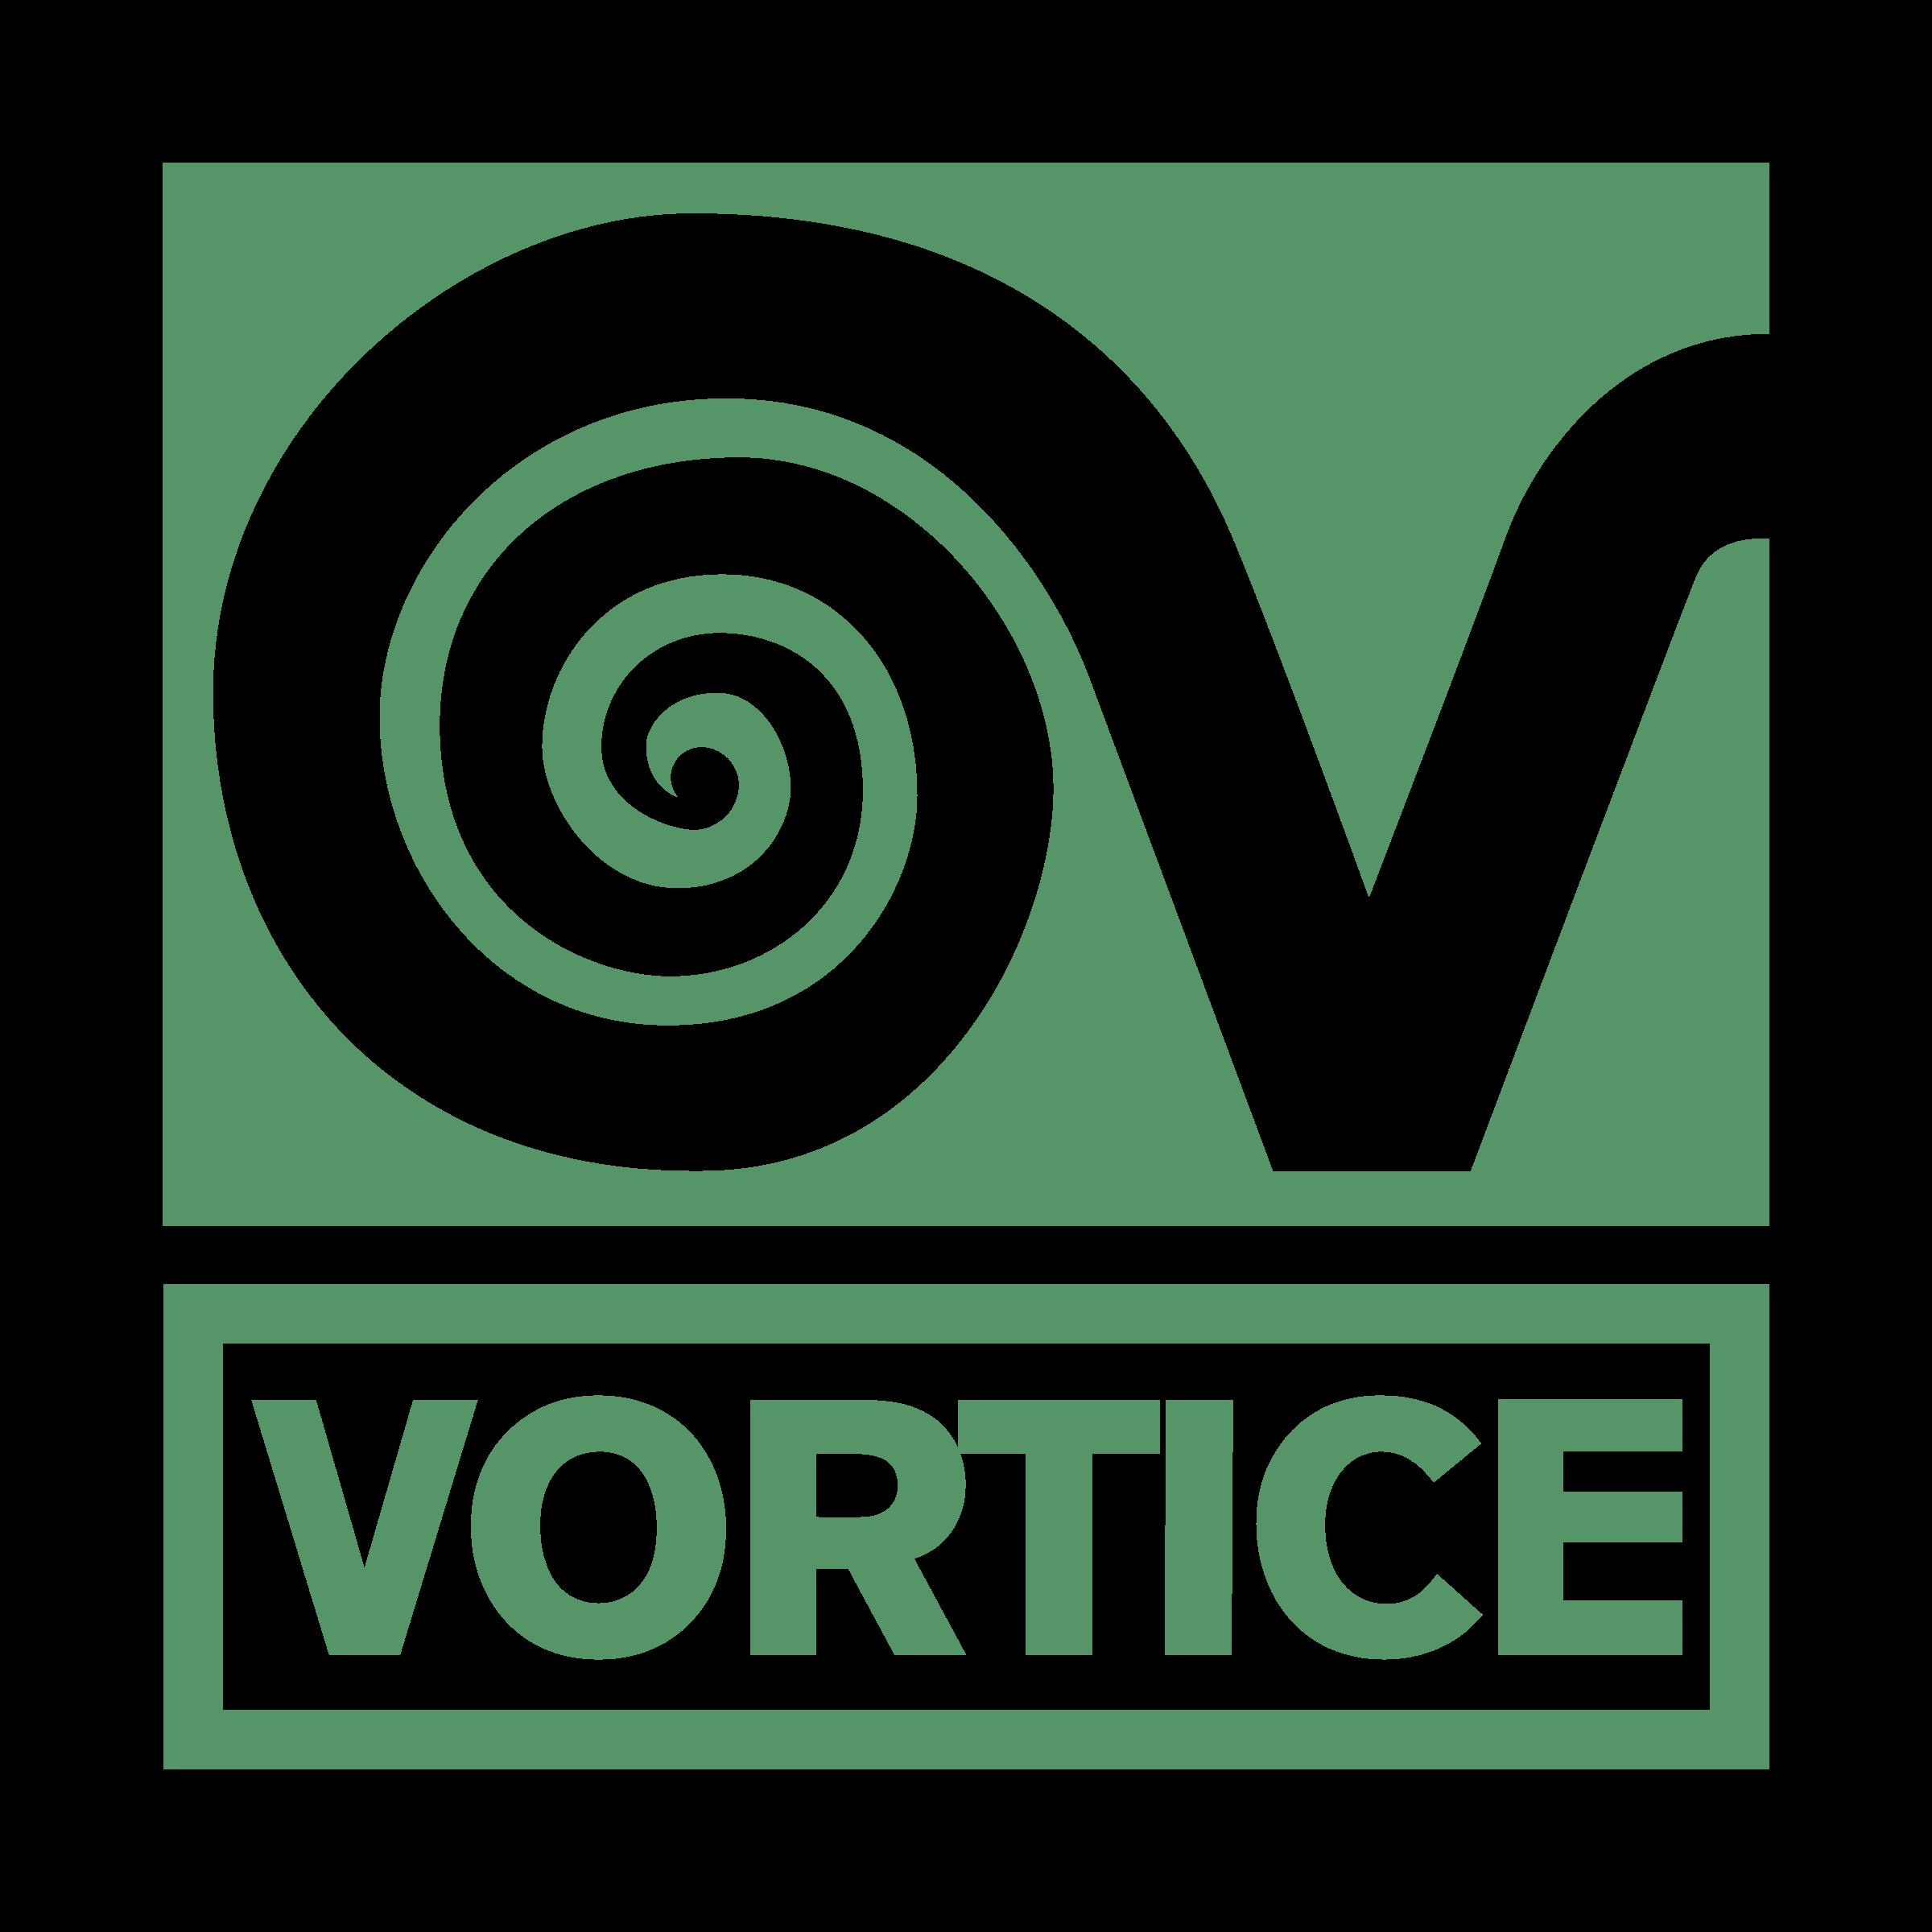 Vortice ventilacao Maputo Mocambique